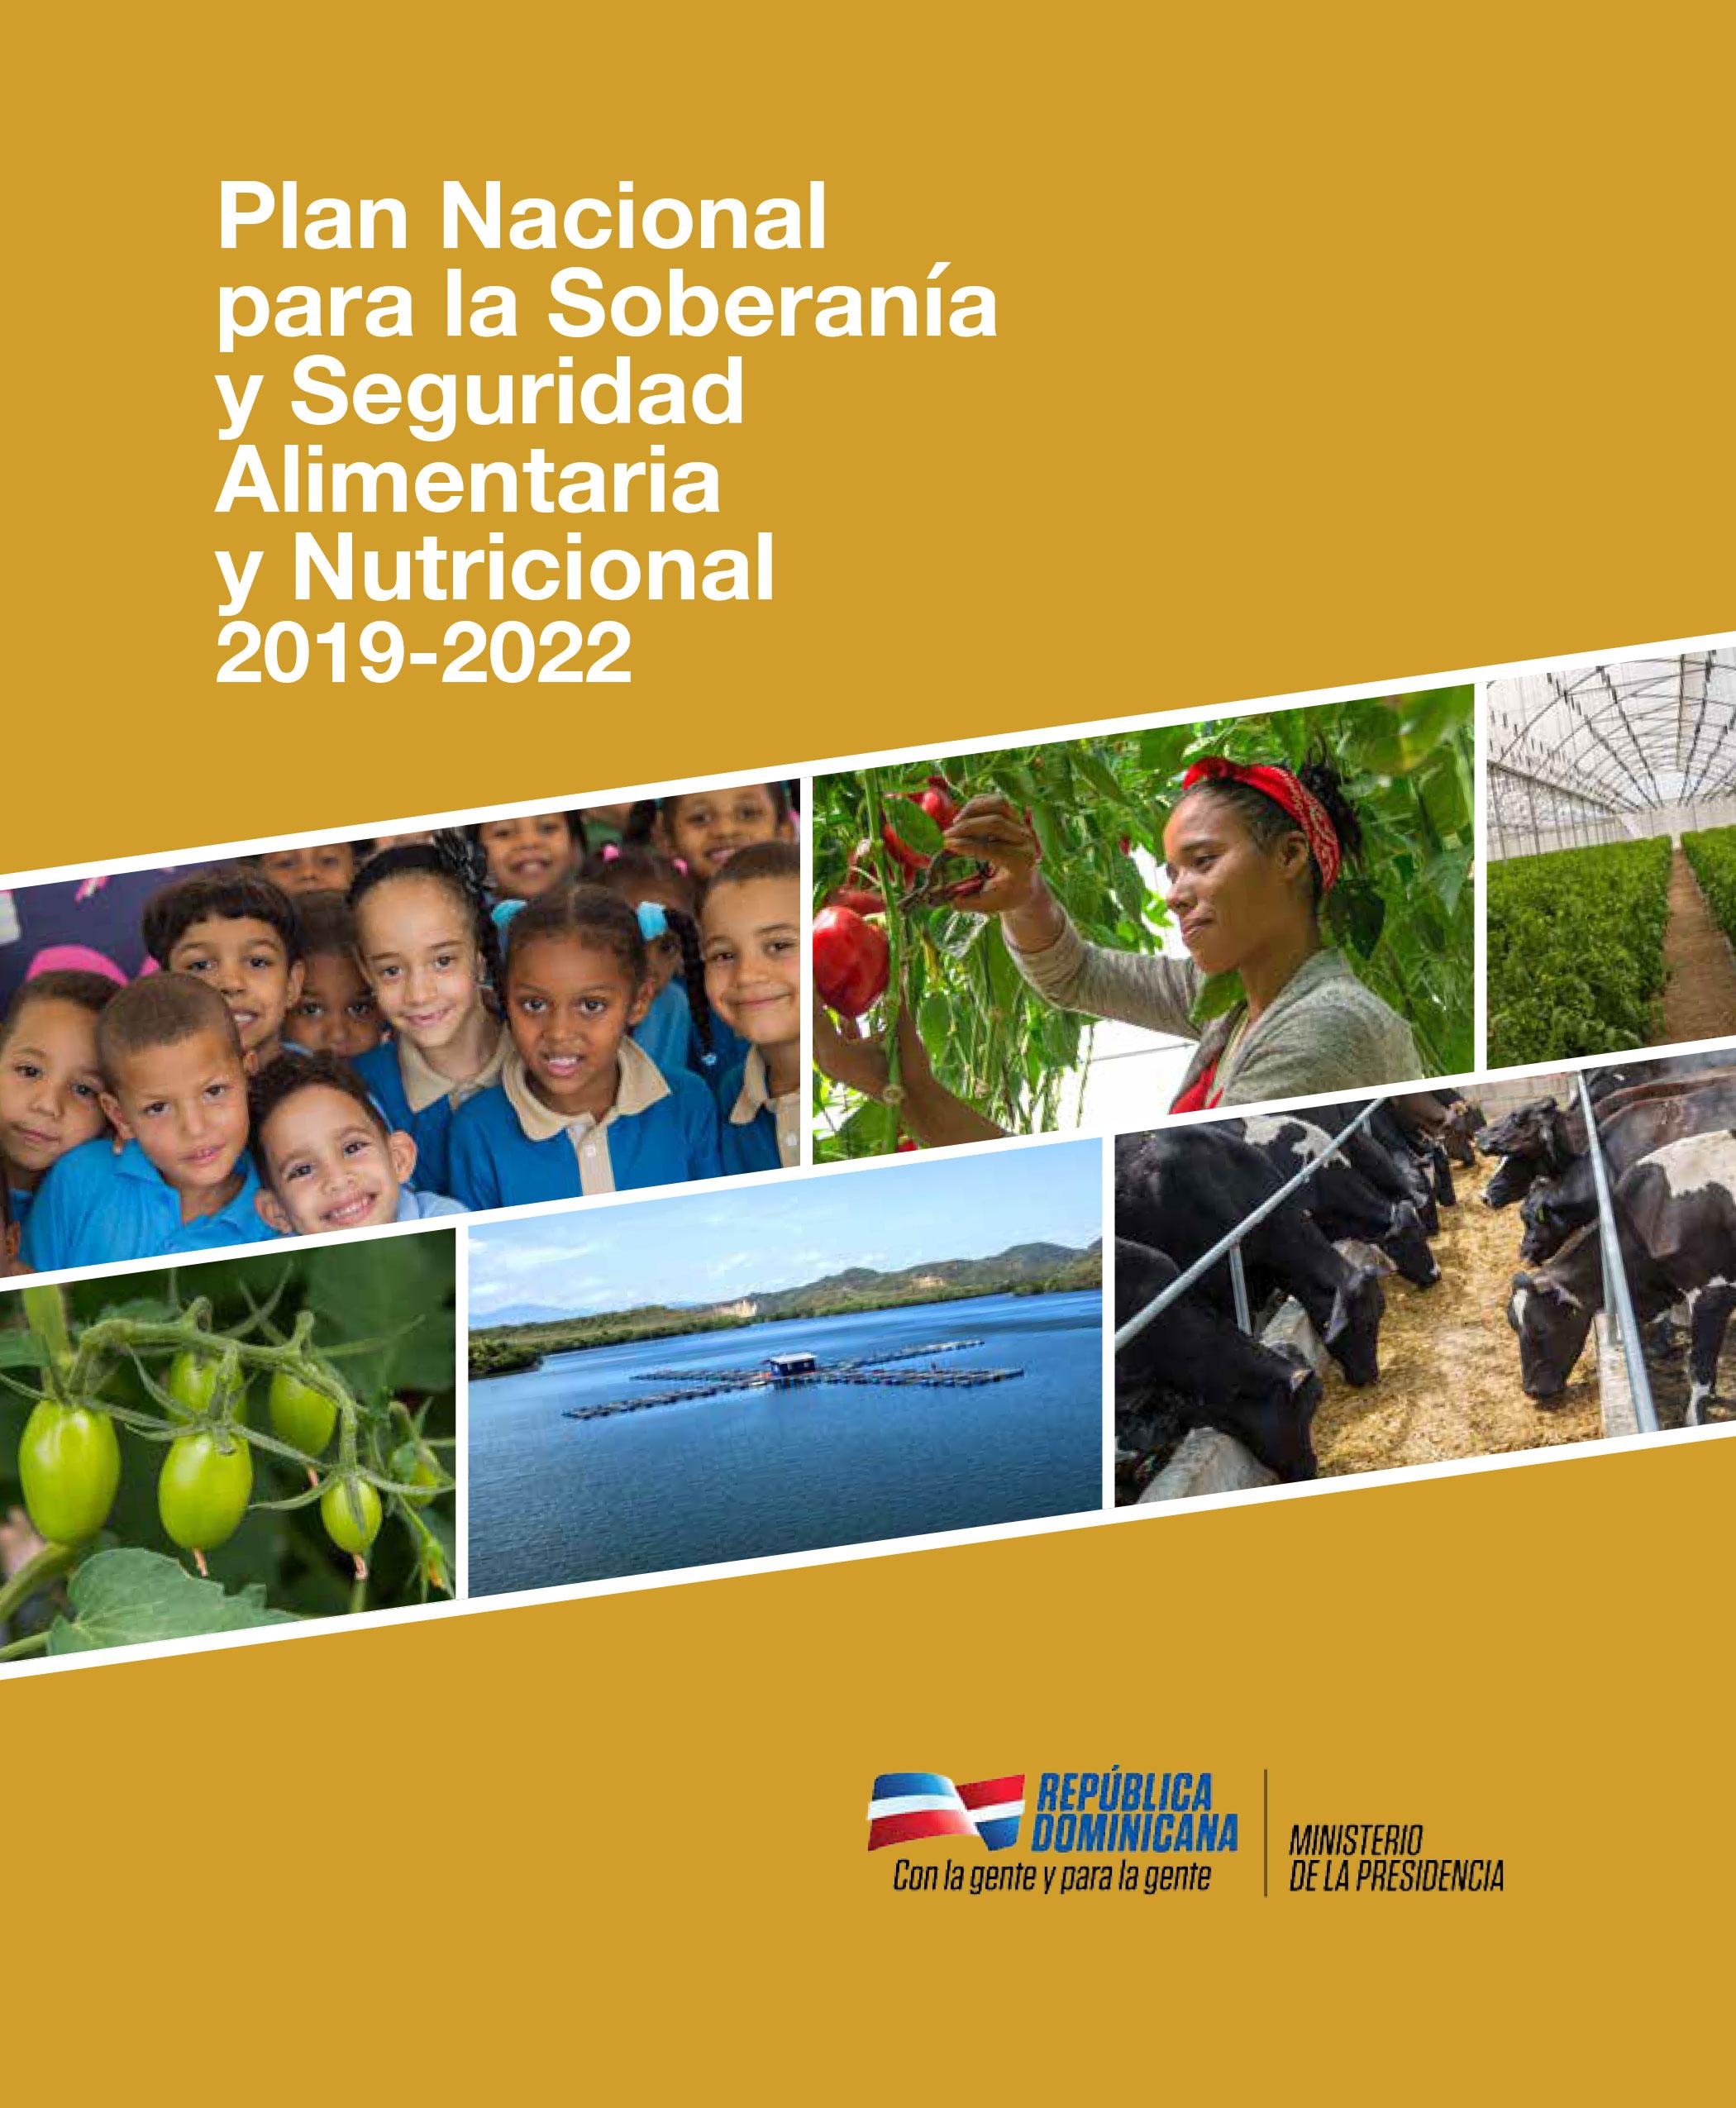 El Plan Nacional para la Soberanía y Seguridad Alimentaria y Nutricional (SINASSAN) se aplicará en el municipio de Padre Las Casas.